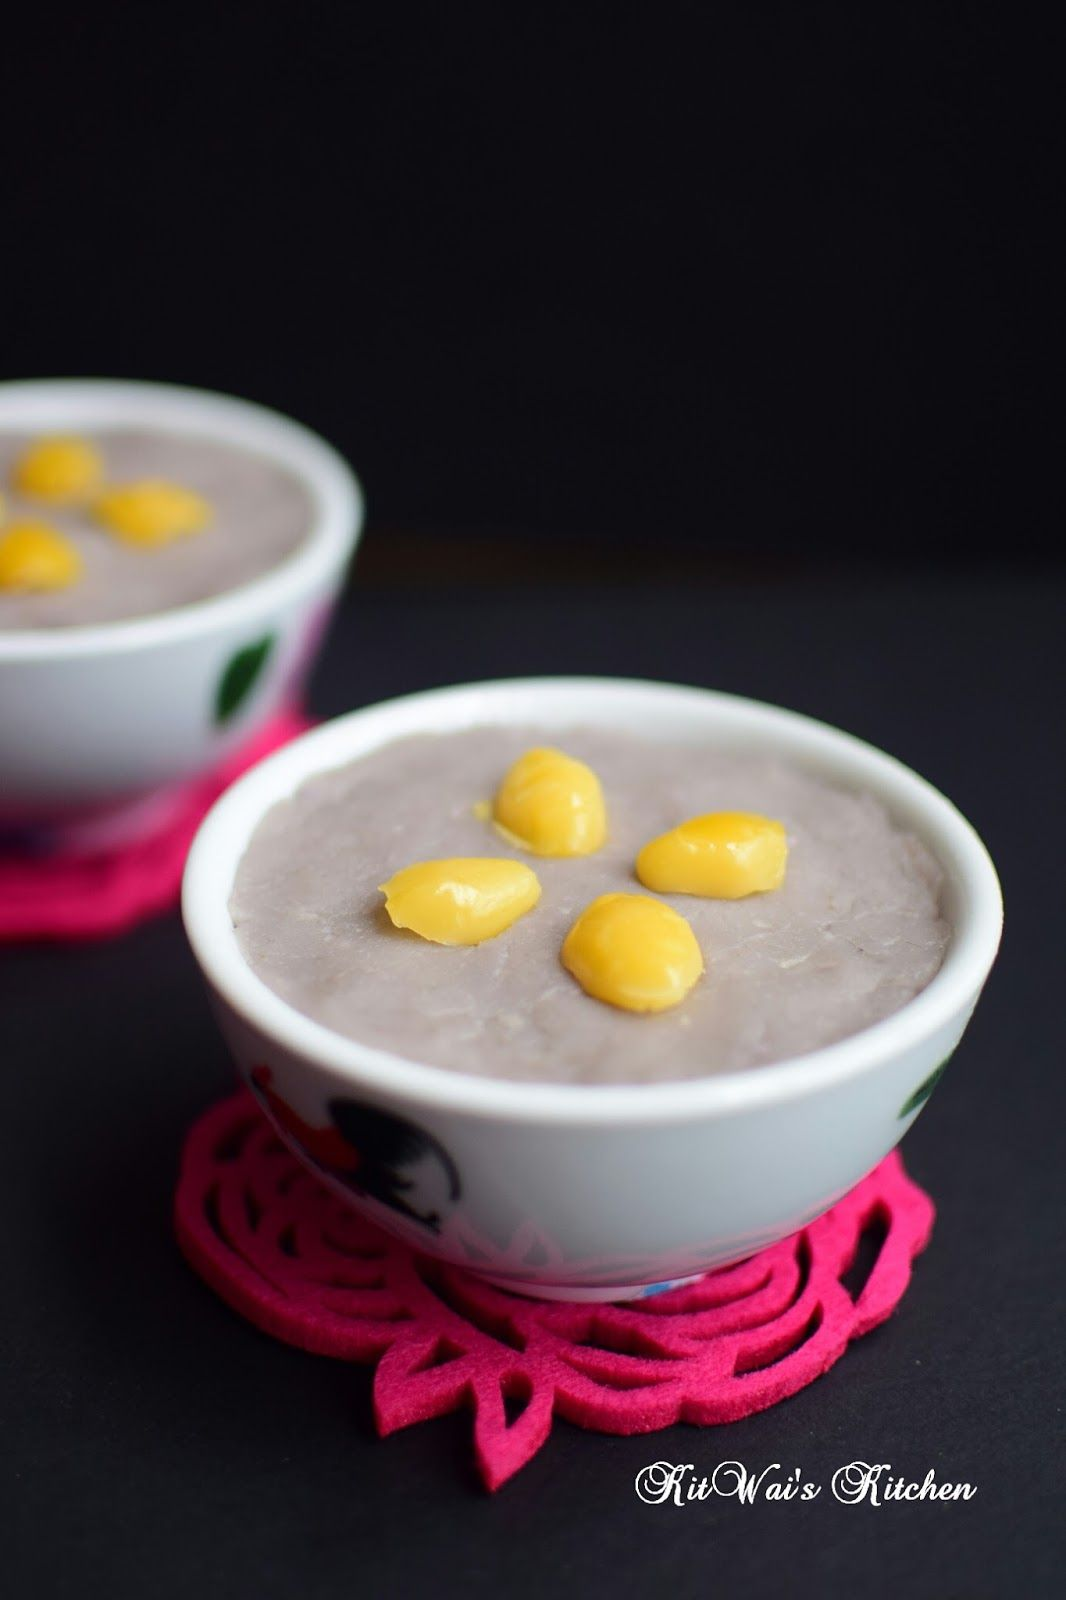 潮洲银杏芋泥 Teochew Yam Paste with Gingko Nuts Malaysian